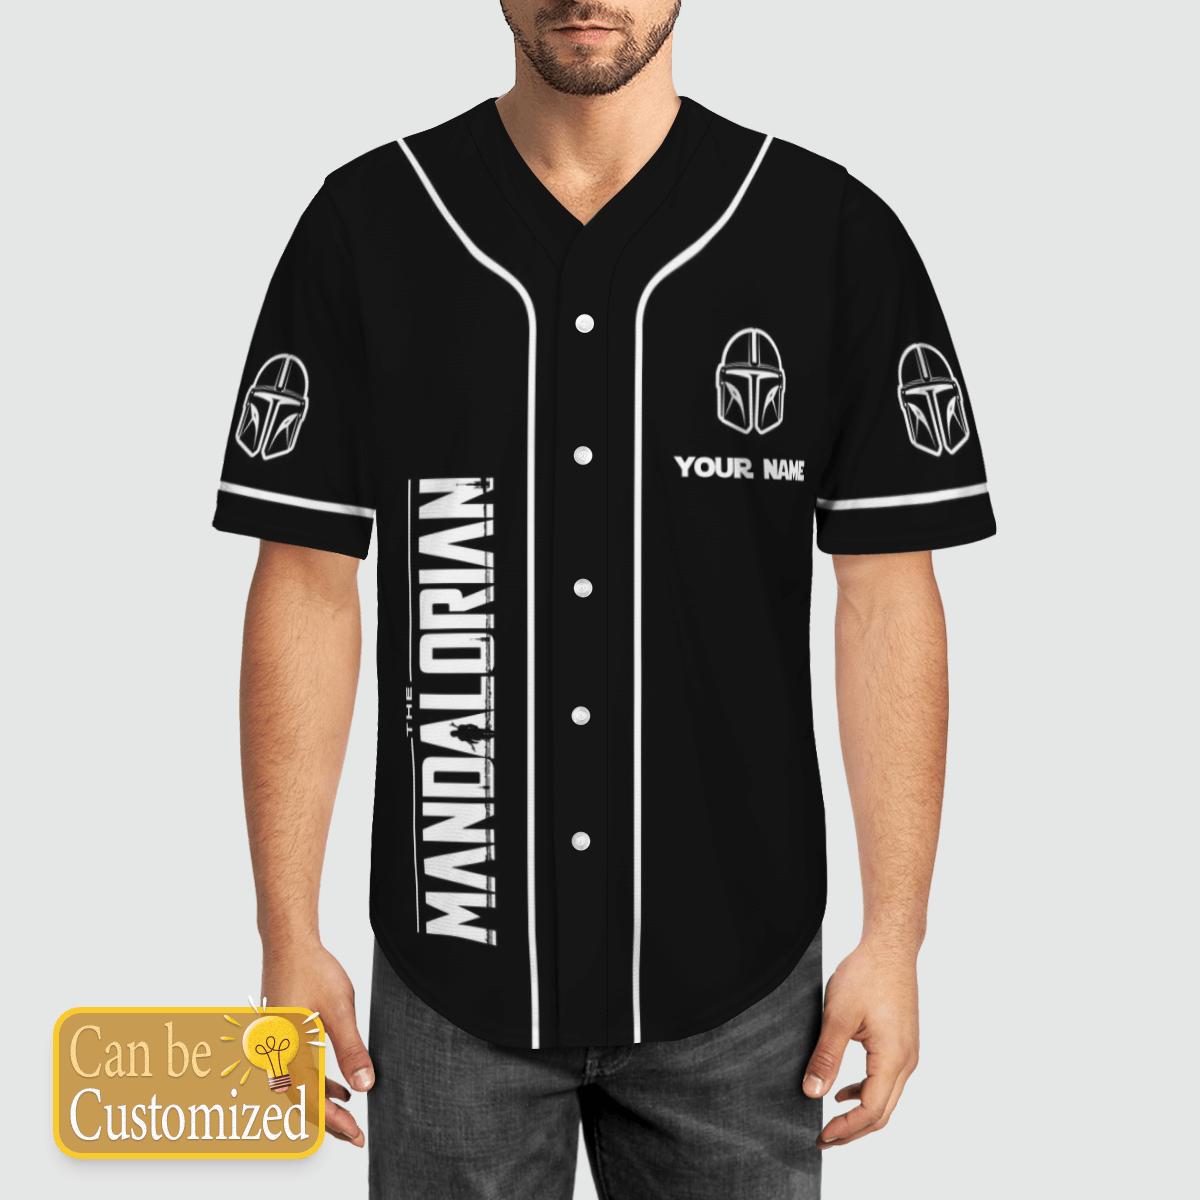 Mandalorian custom name baseball shirt 2